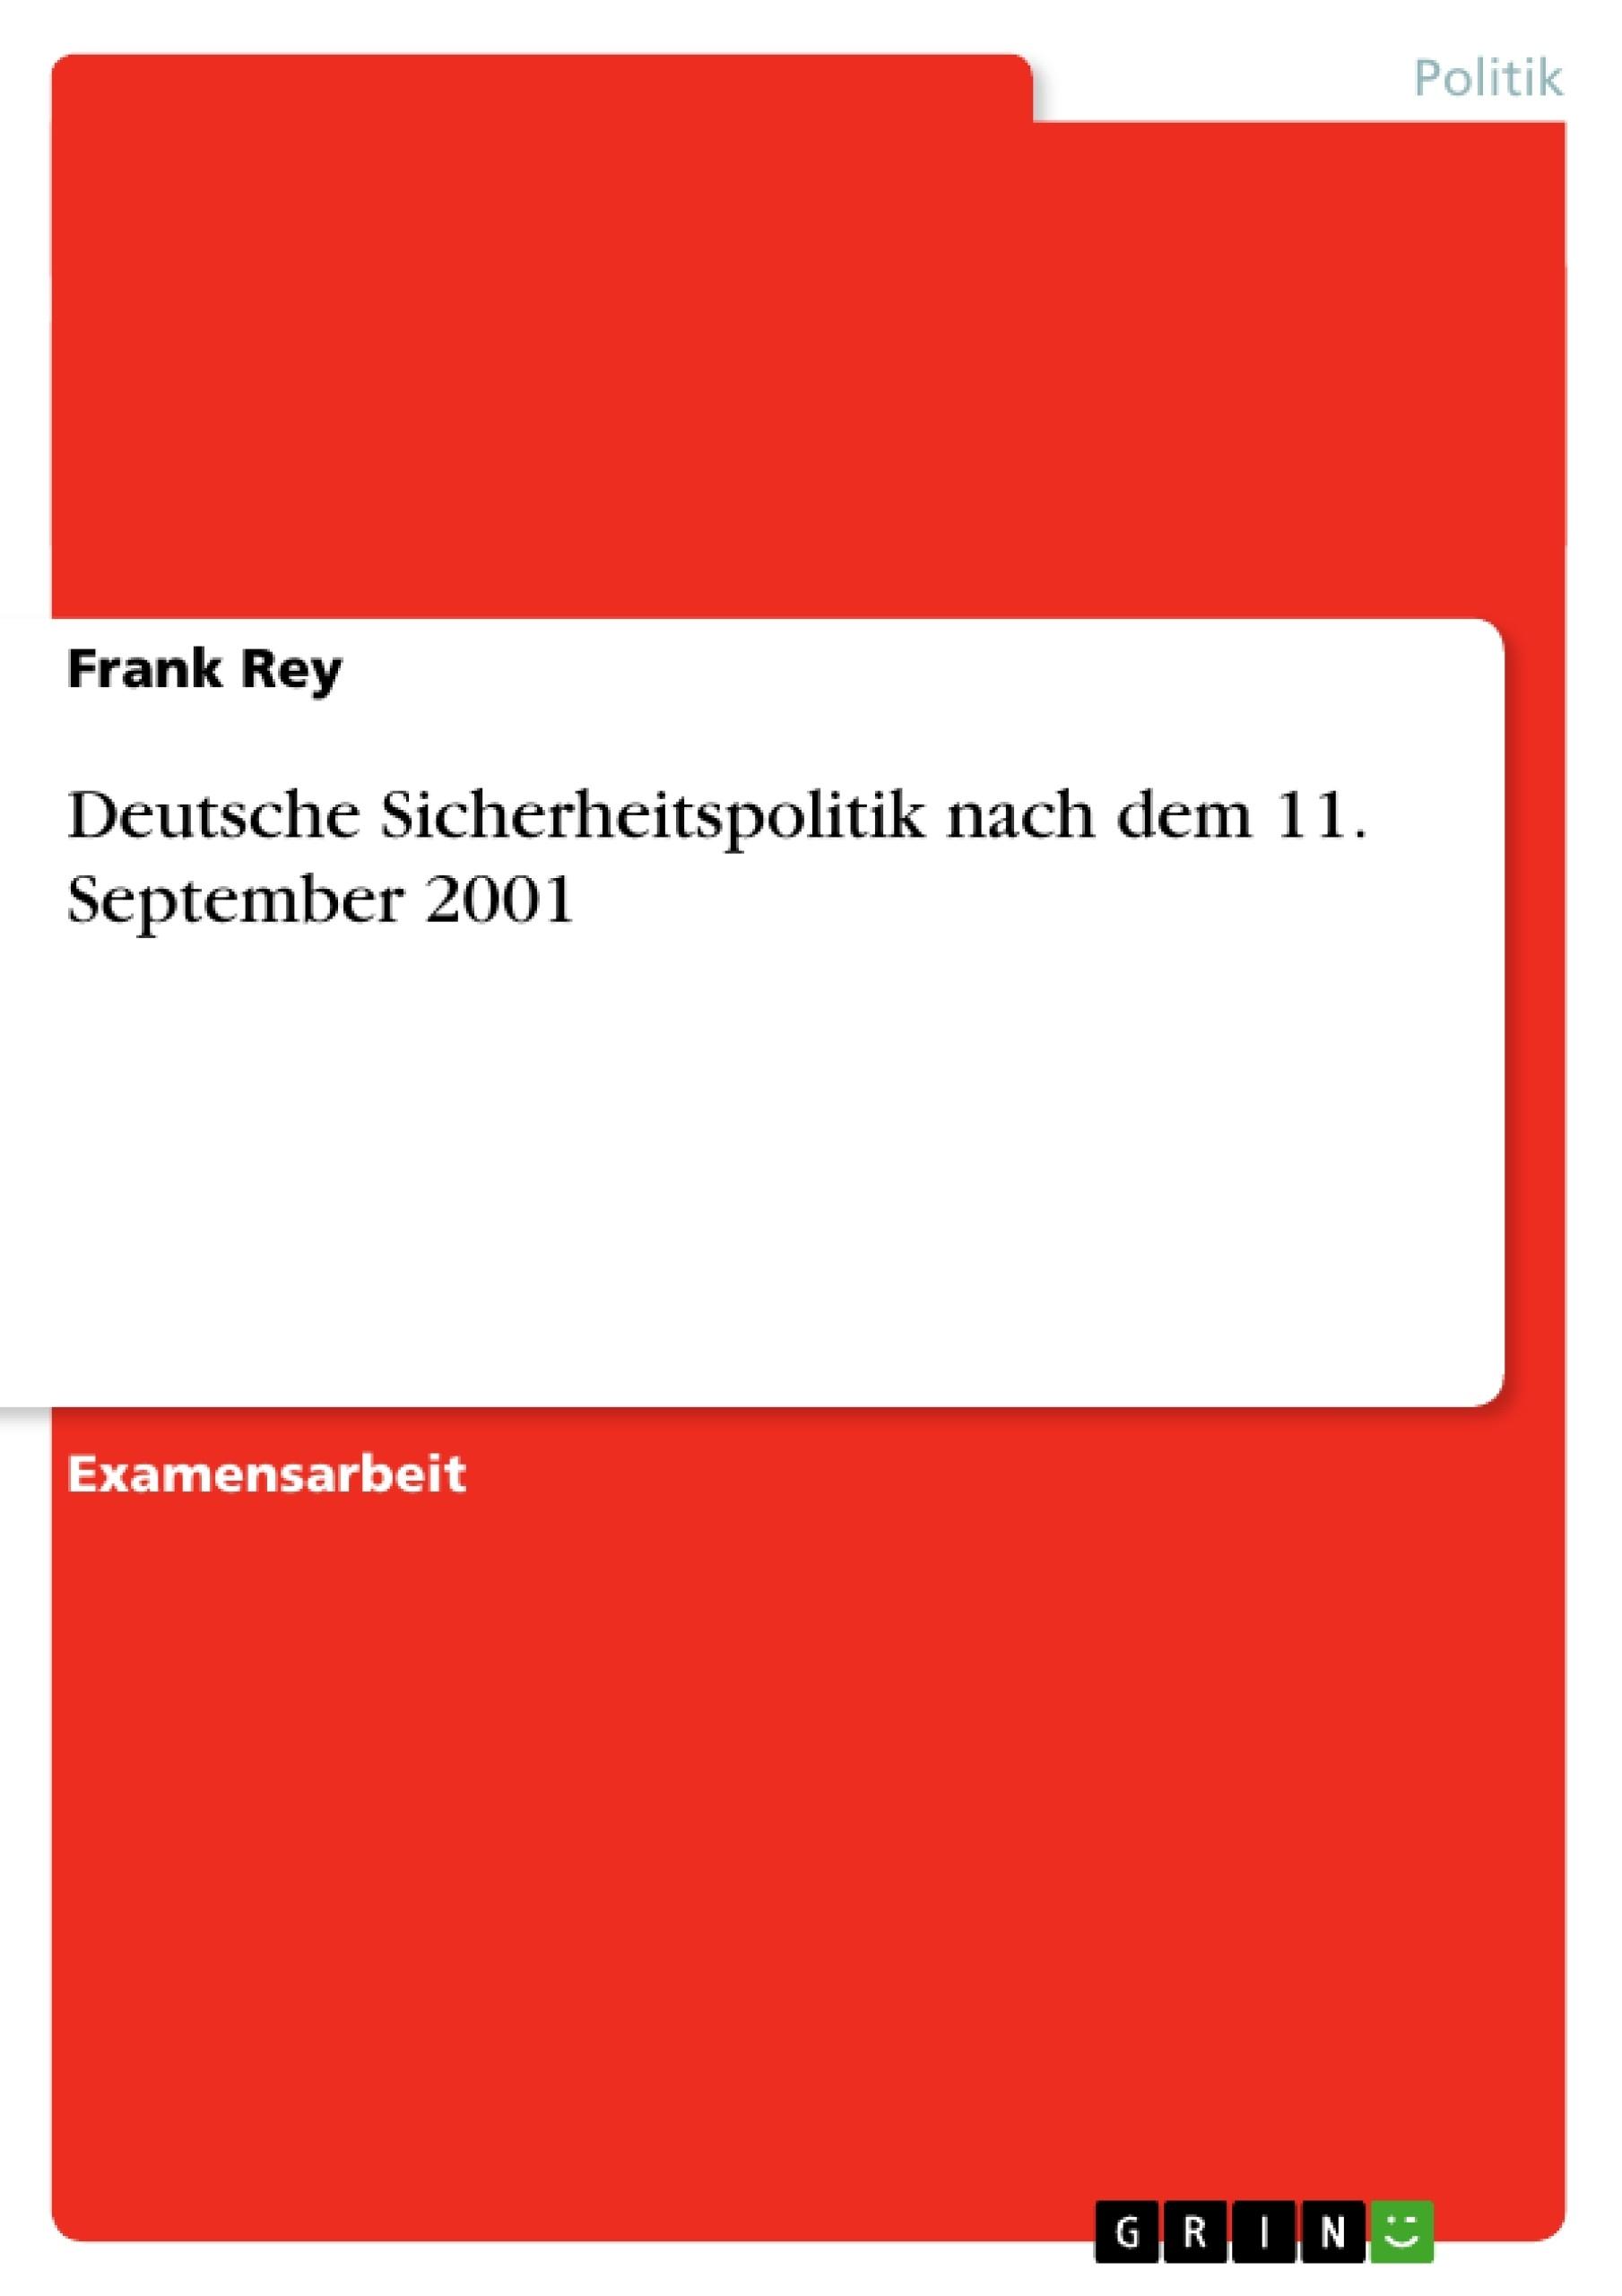 Titel: Deutsche Sicherheitspolitik nach dem 11. September 2001